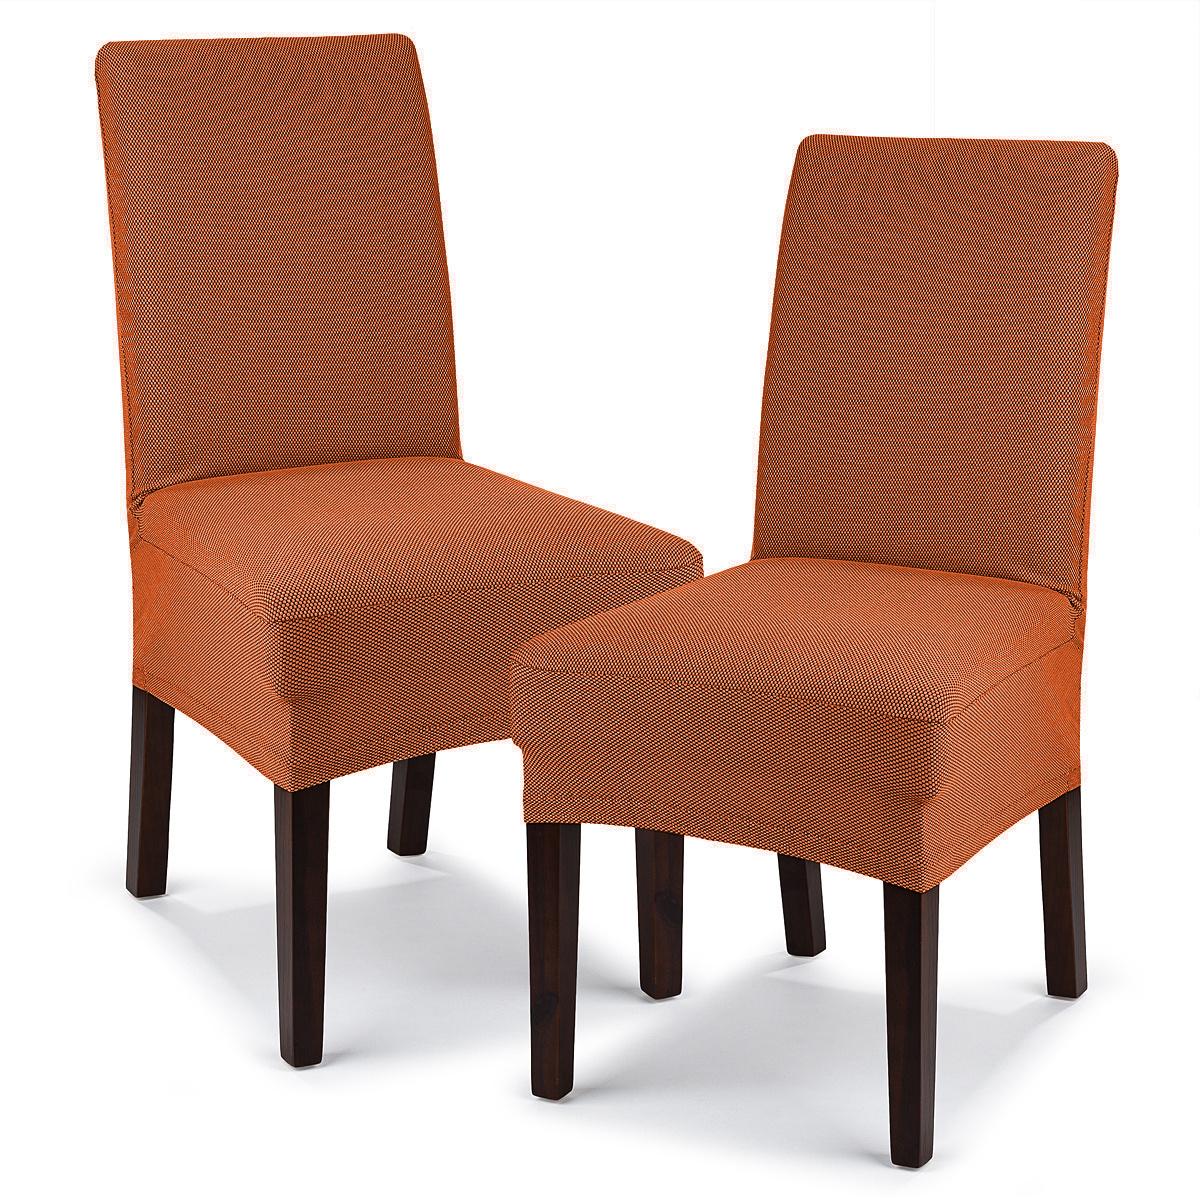 4Home Husă elastică scaun Comfort teracota, 40 - 50 cm, set 2 buc imagine